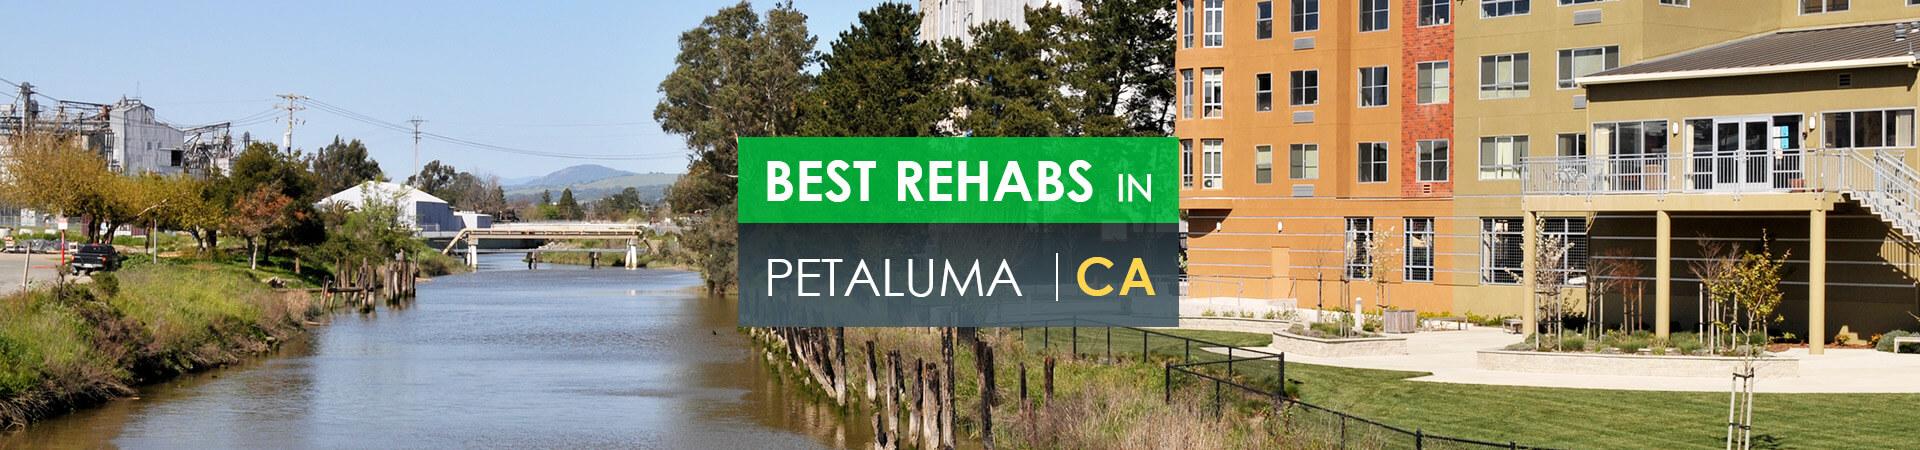 Best rehabs in Petaluma, CA